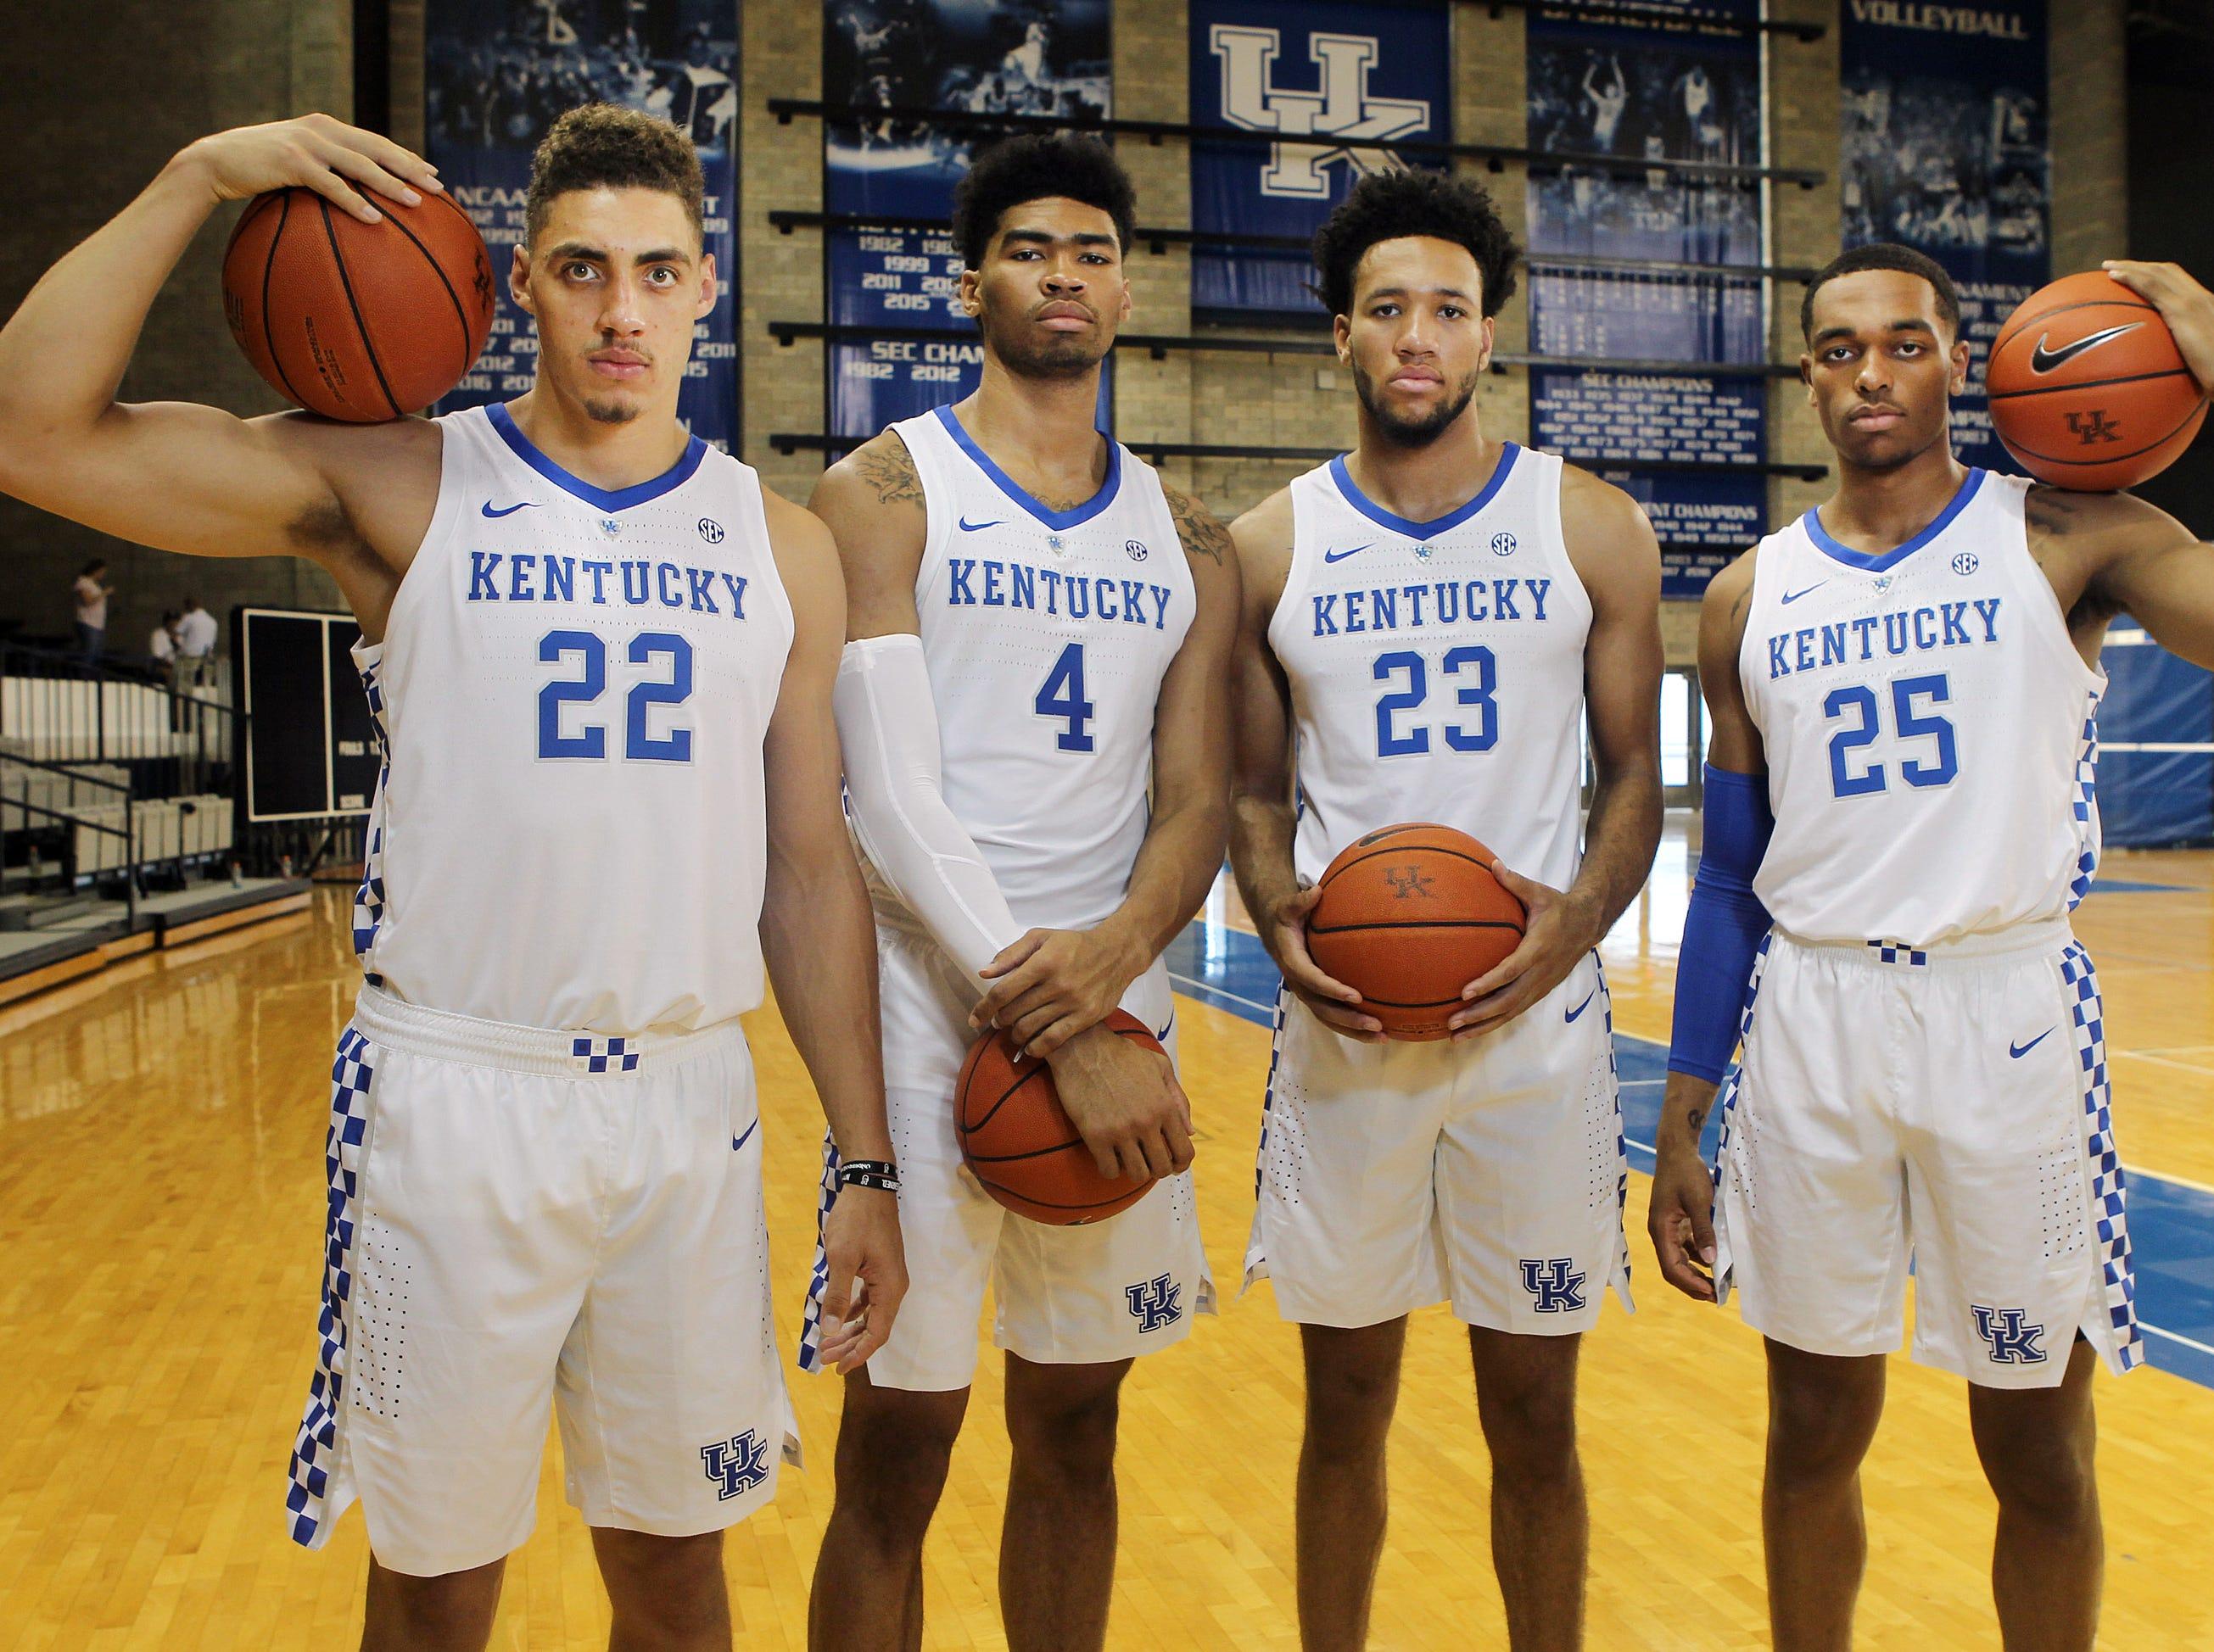 Uk Basketball: How John Calipari Kept Adding Big Men To Kentucky